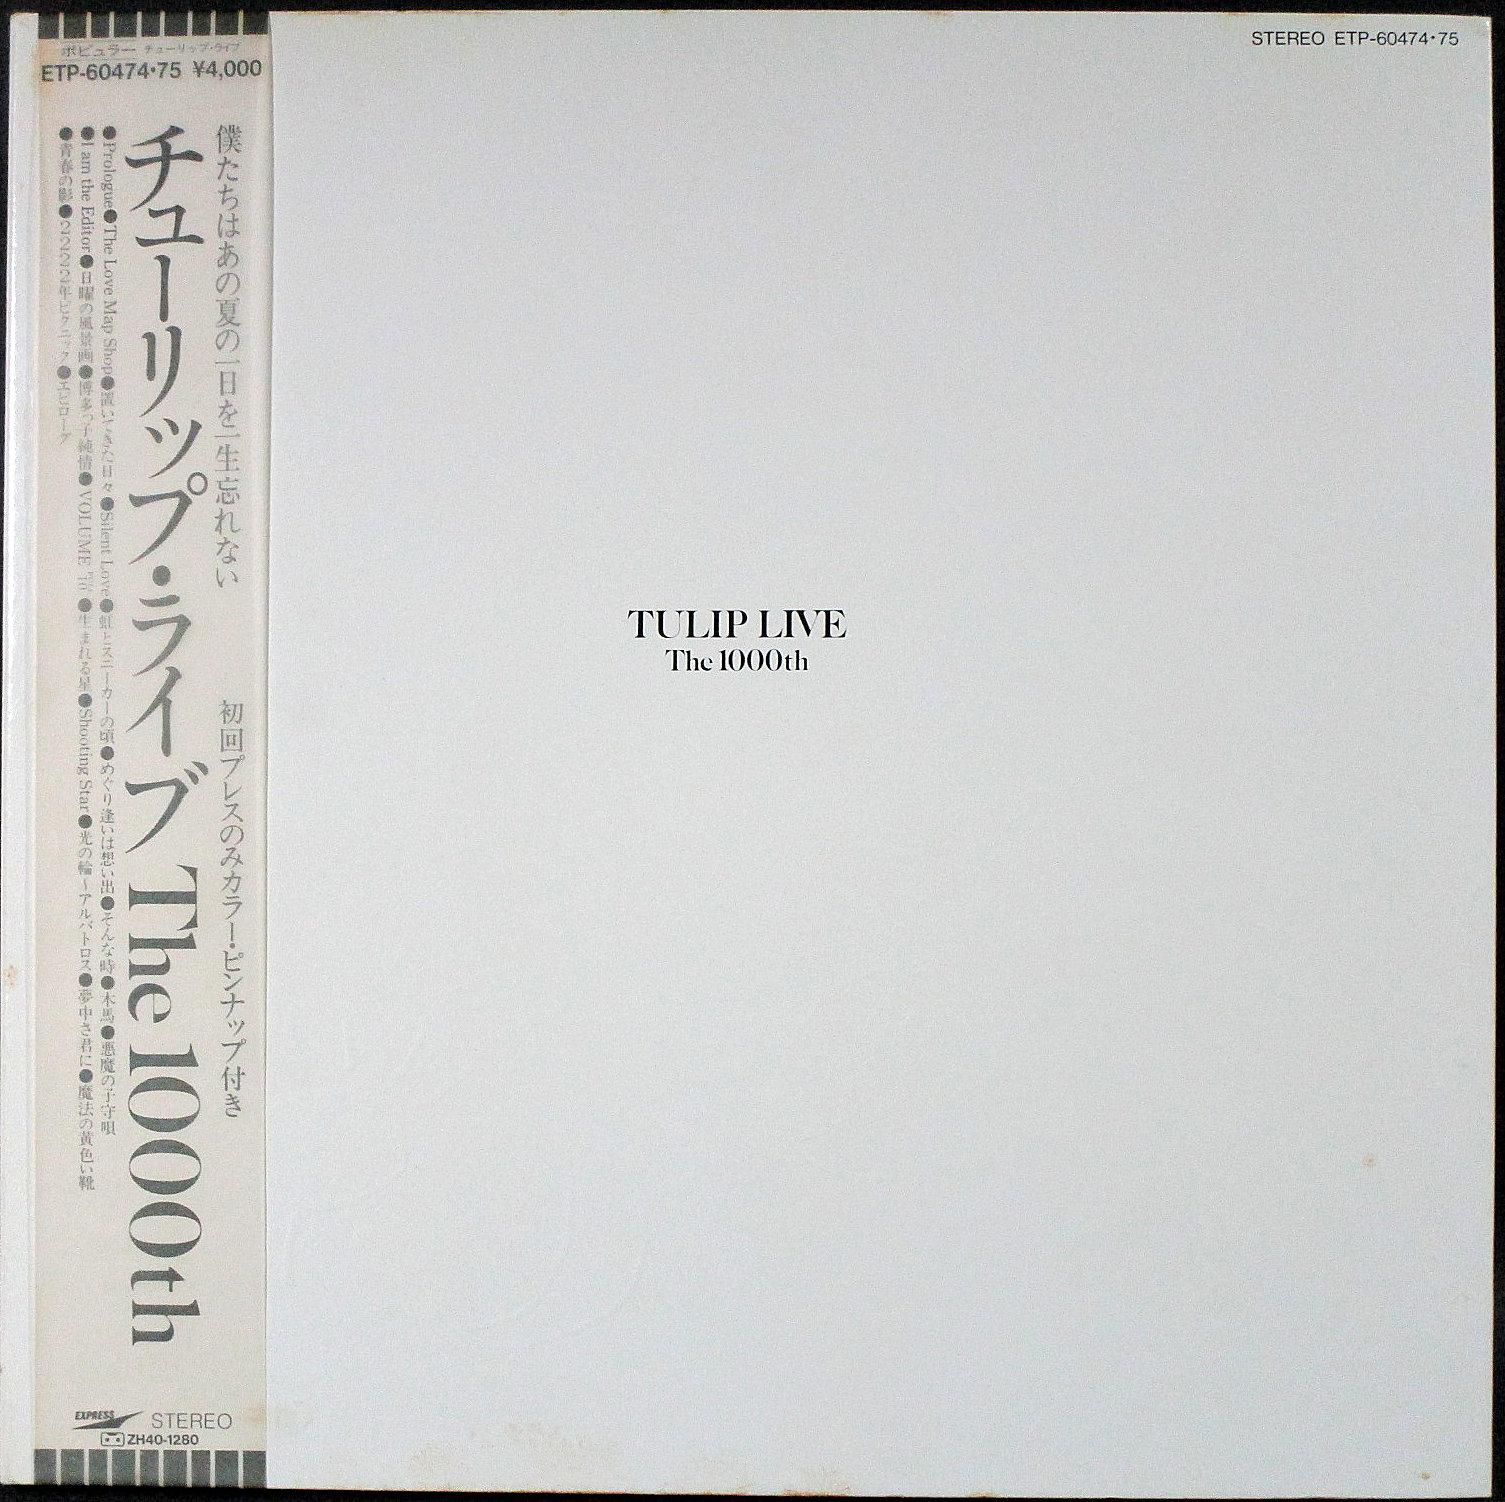 チューリップ Tulip / チューリップ・ライブ The 1000th